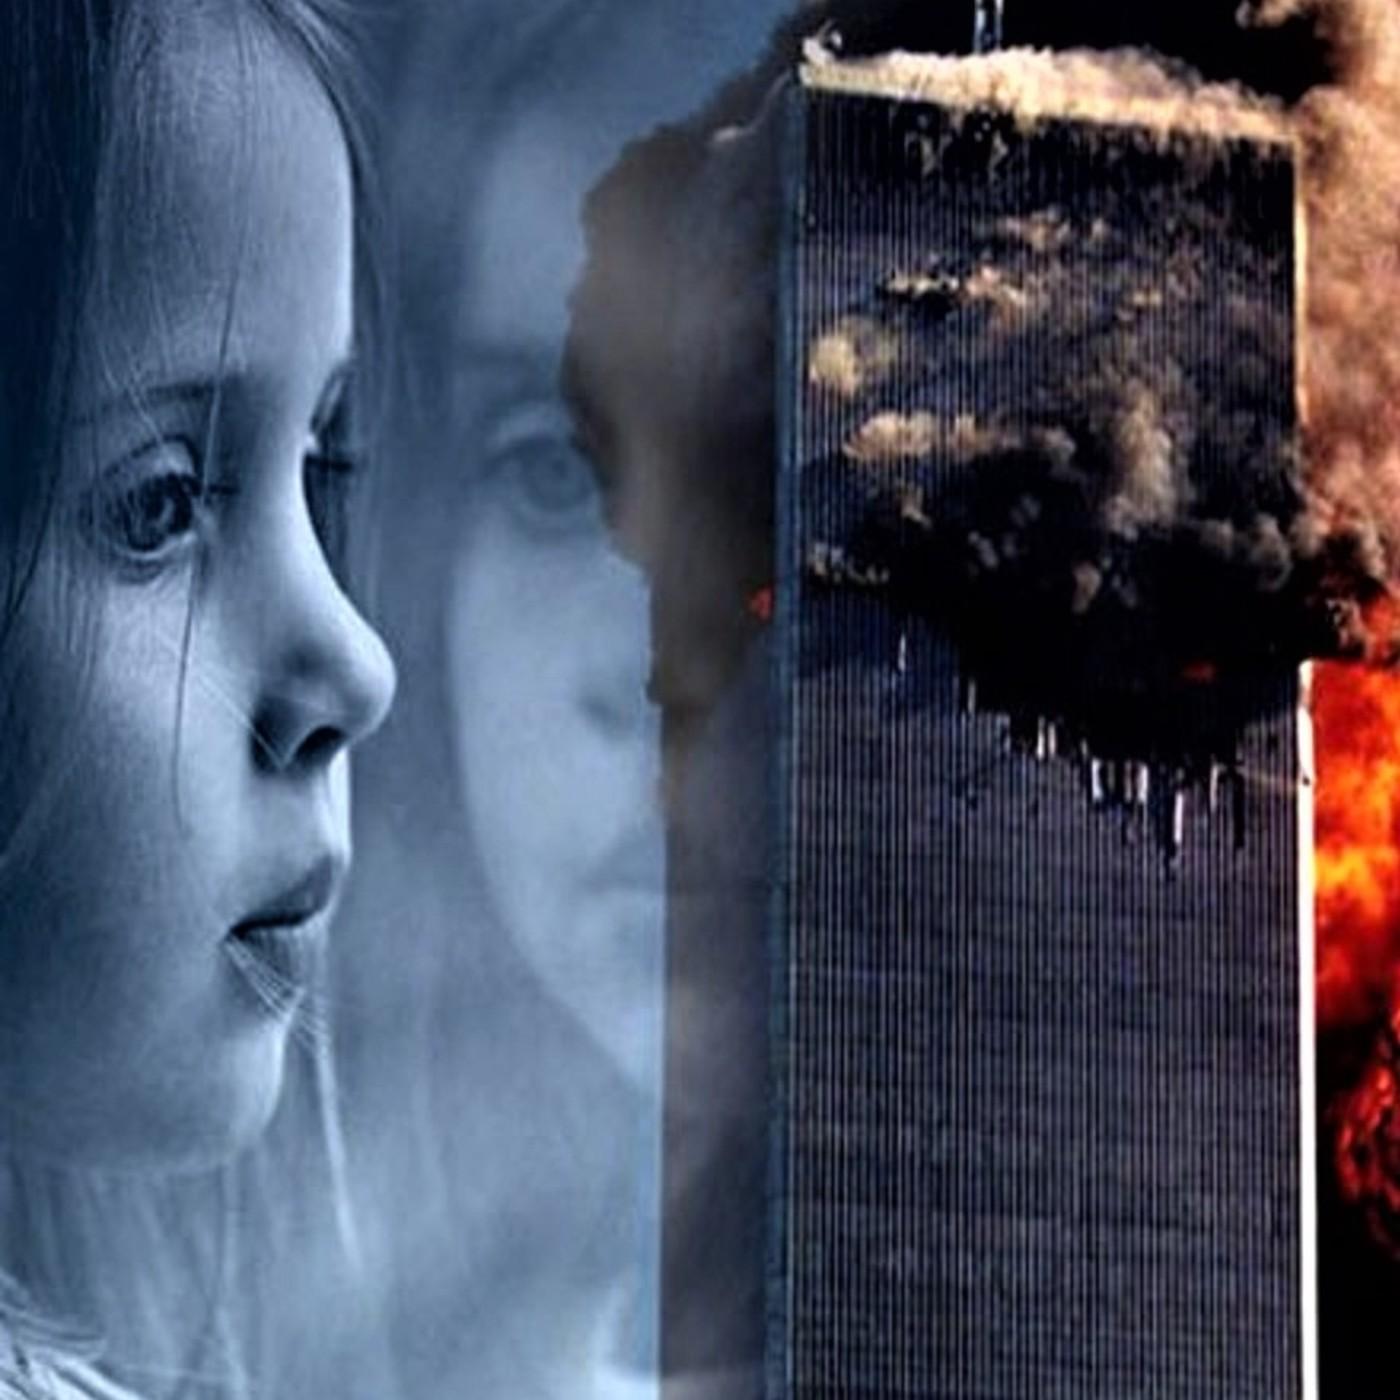 los niños reencarnados del 11 de septiembre en miguel lopez en mp3(10/10 a las 18:20:50) 03:23 29230468 - iVoox